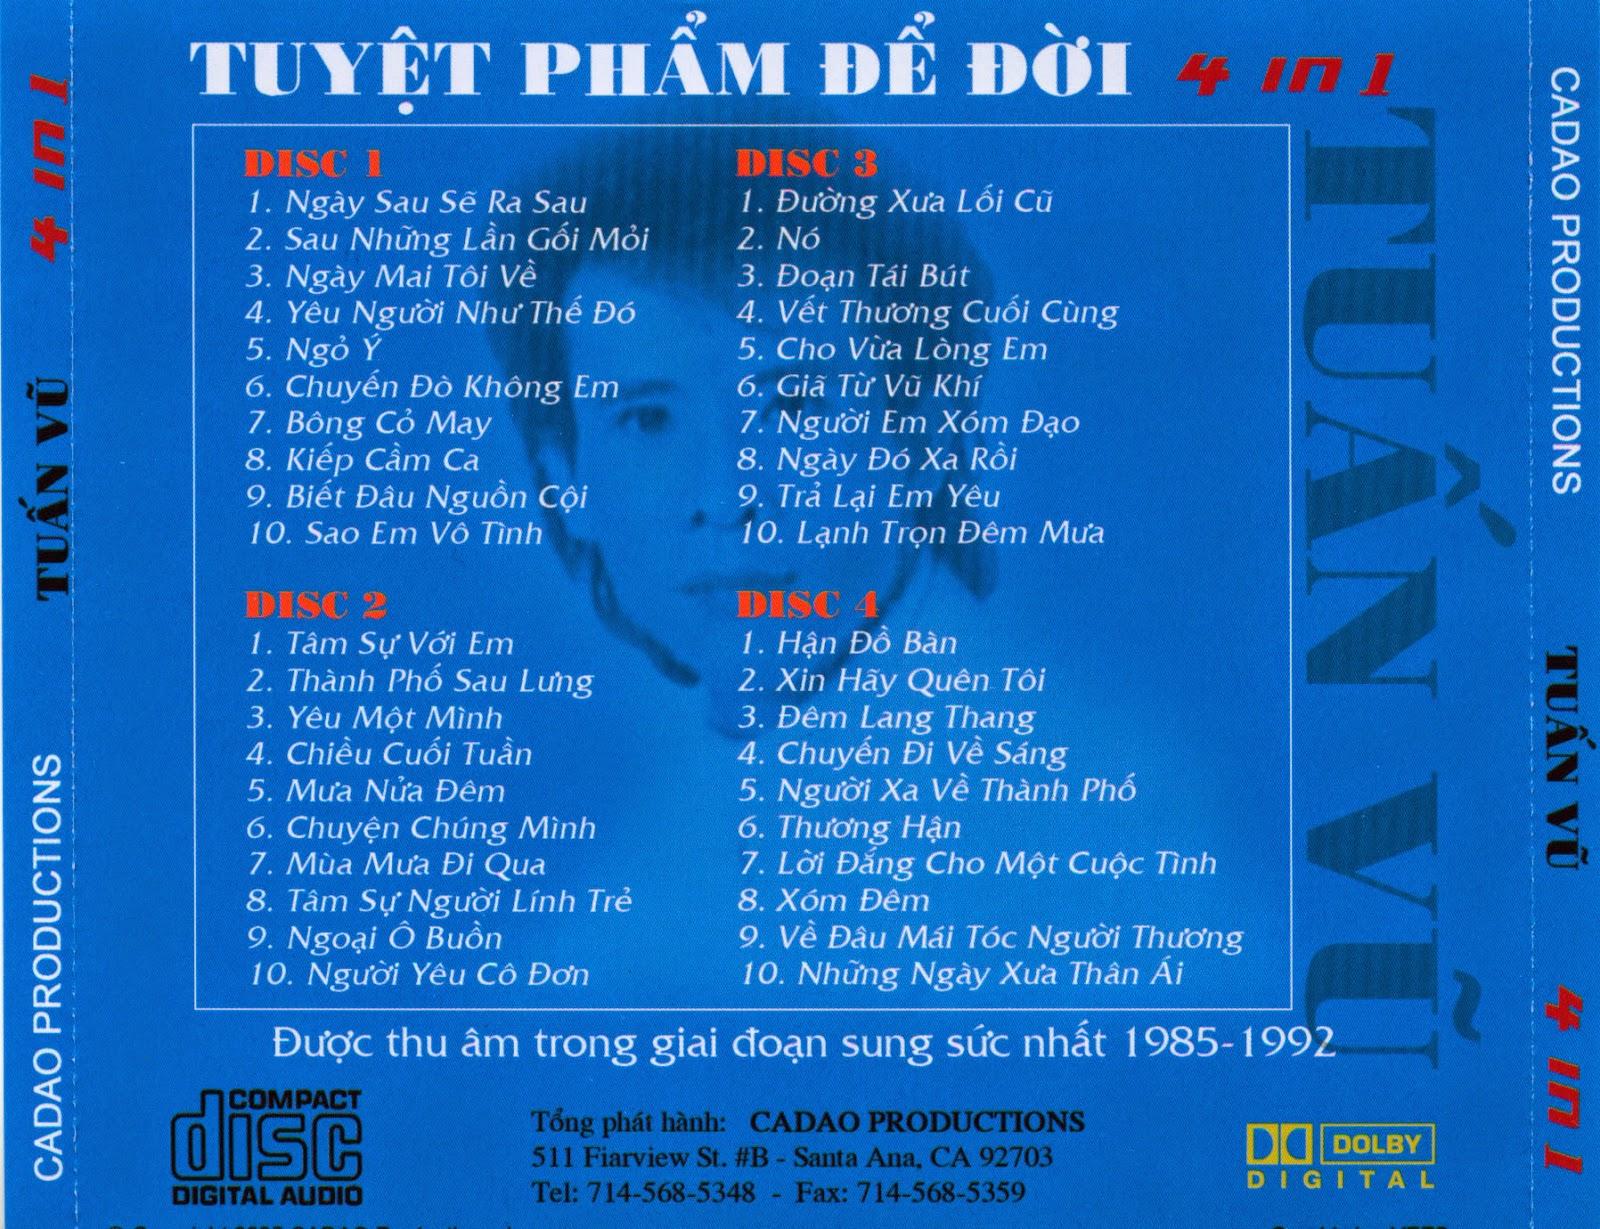 Tuấn Vũ: Tuyệt phẩm để đời{4CD} [FLAC],The Best Of Tuấn Vũ